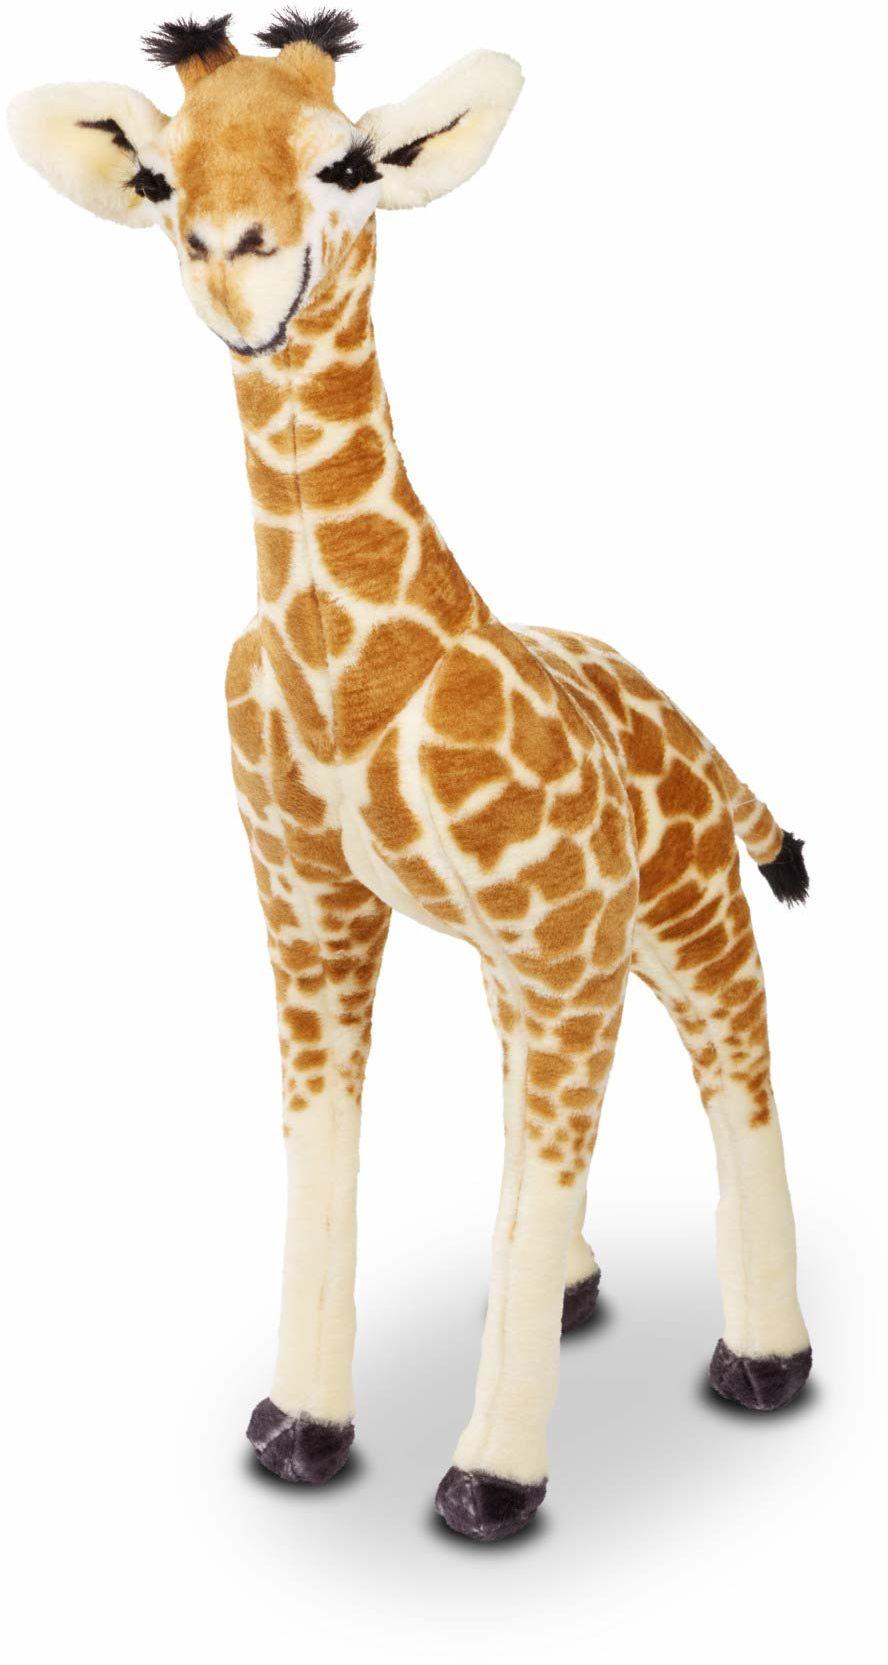 Melissa&Doug 40431 stojąca pluszowa żyrafa miękka zabawka zwierzę w każdym wieku prezent dla chłopca lub dziewczyny